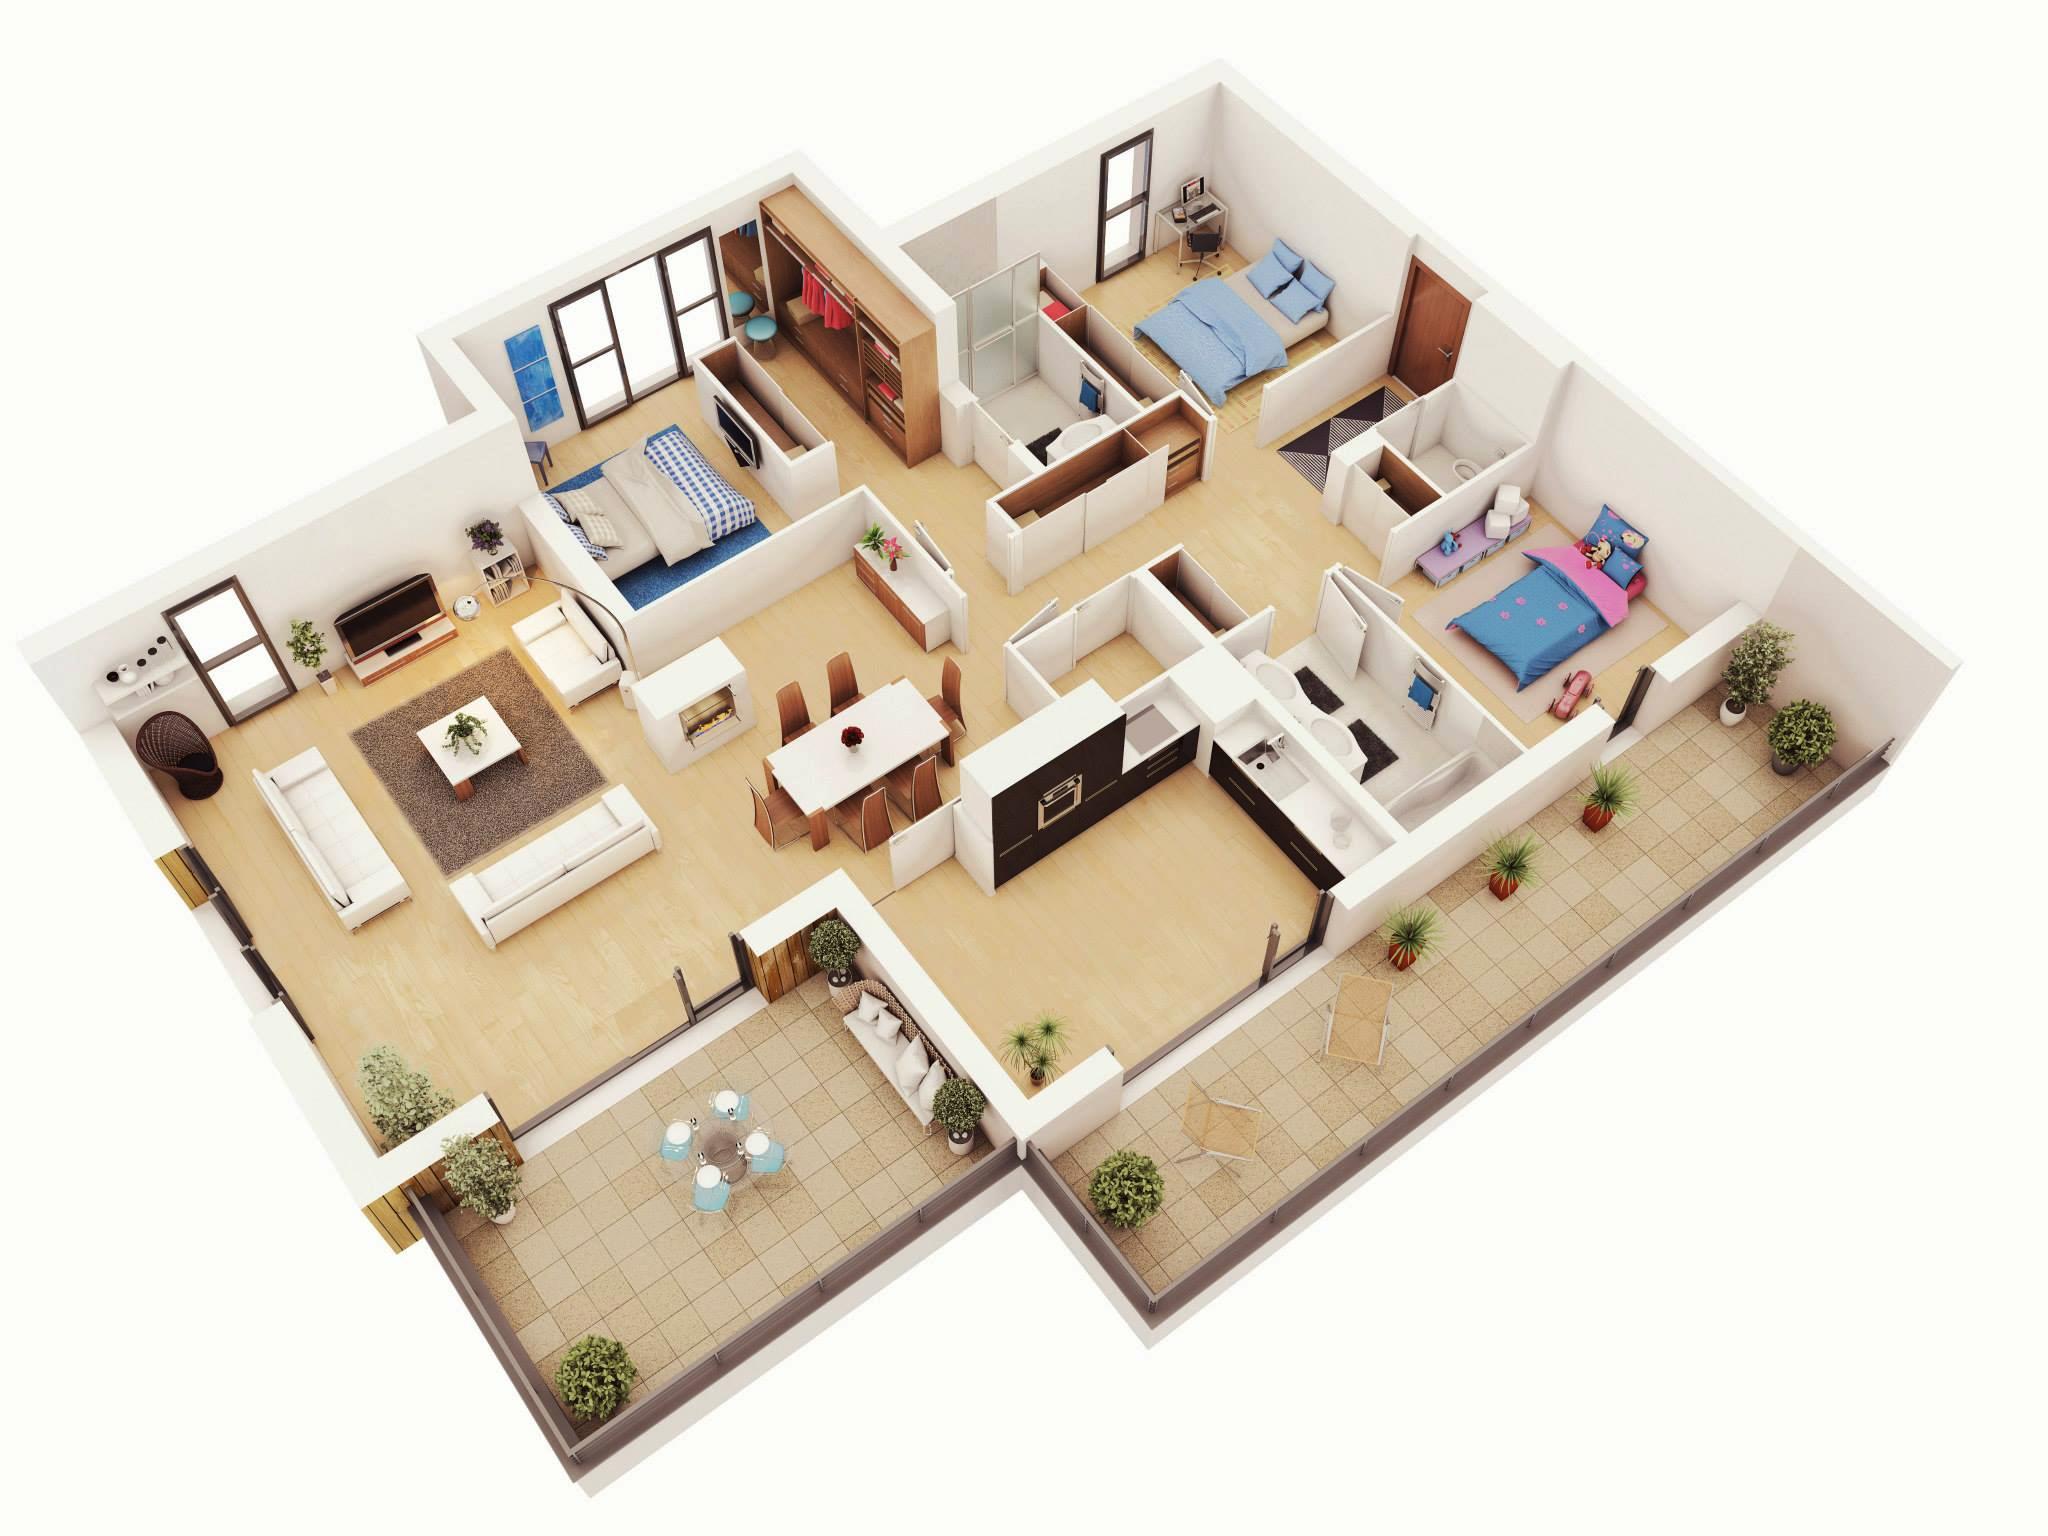 8 3 bedrooms